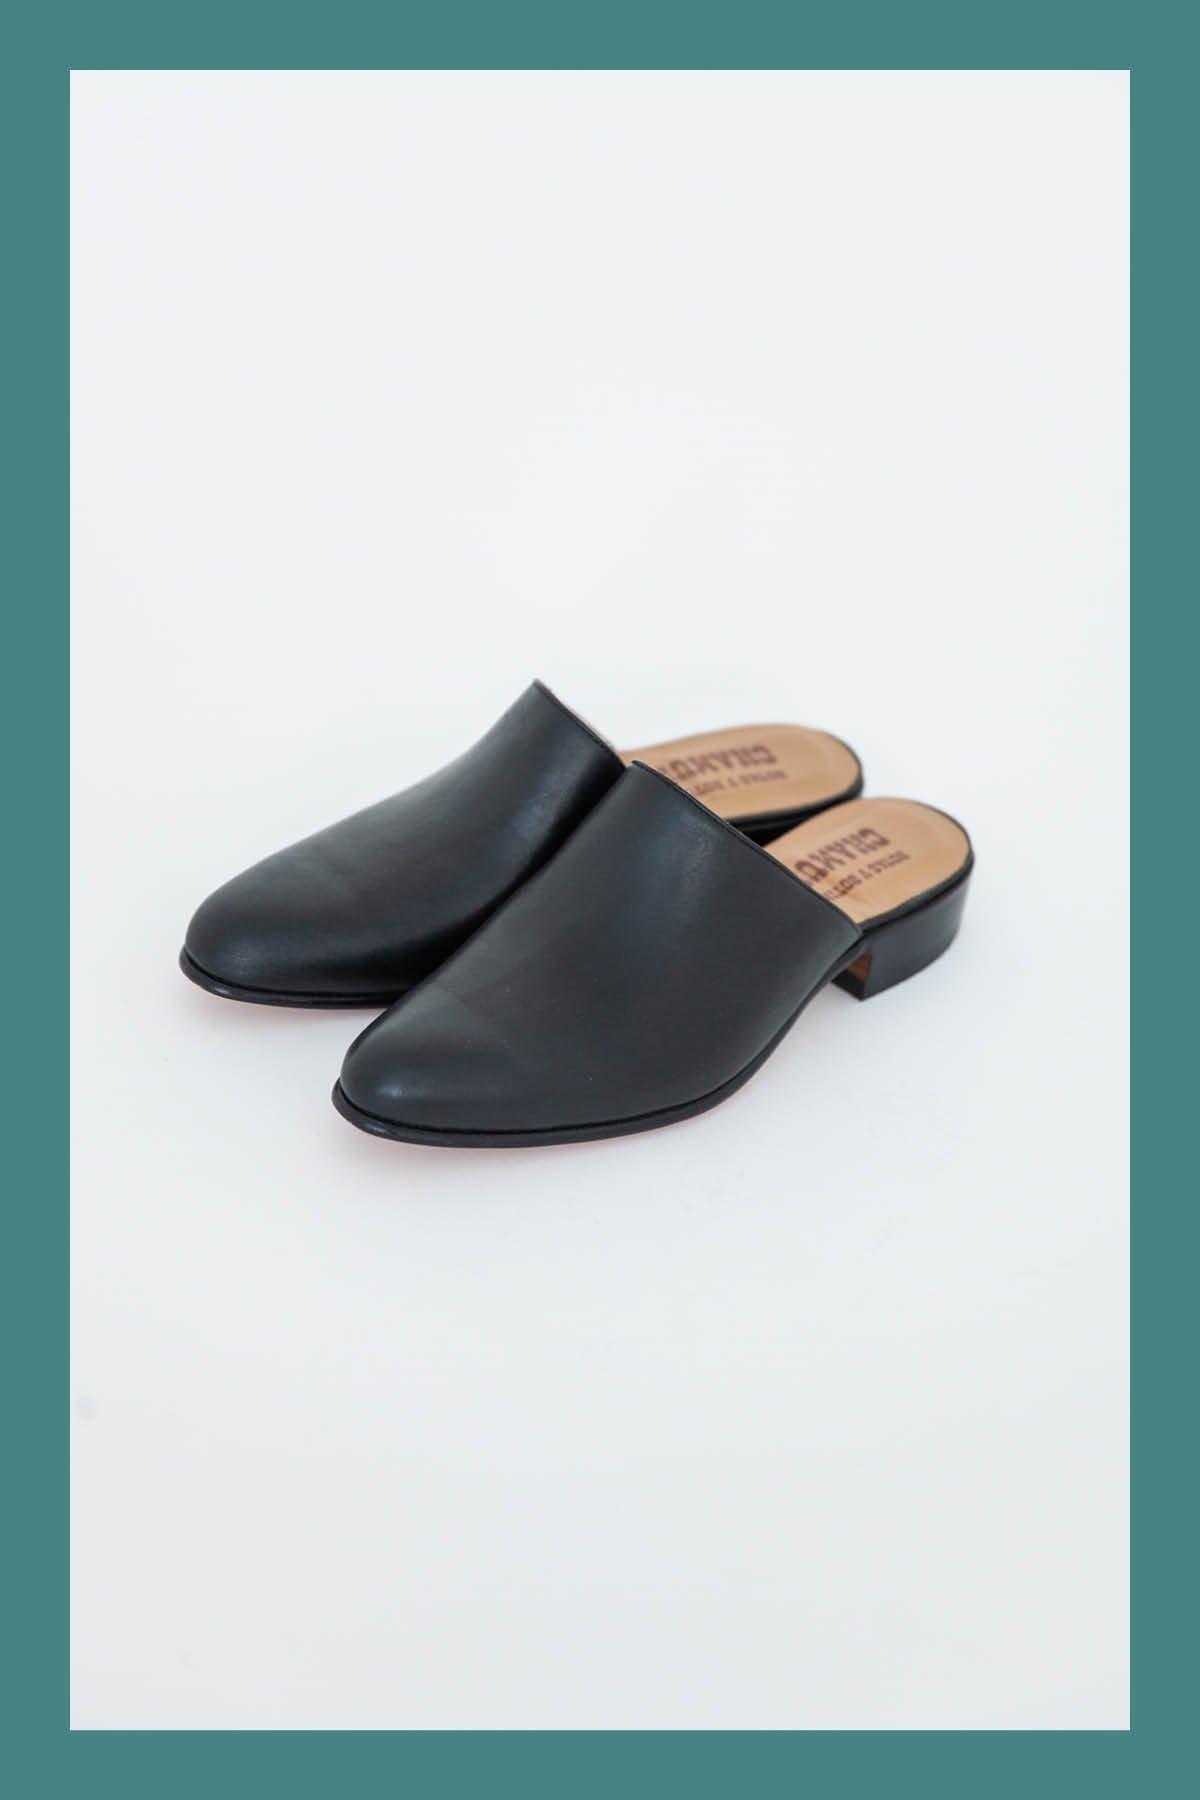 CHAMULA / FOOTWEAR CORBUSIER